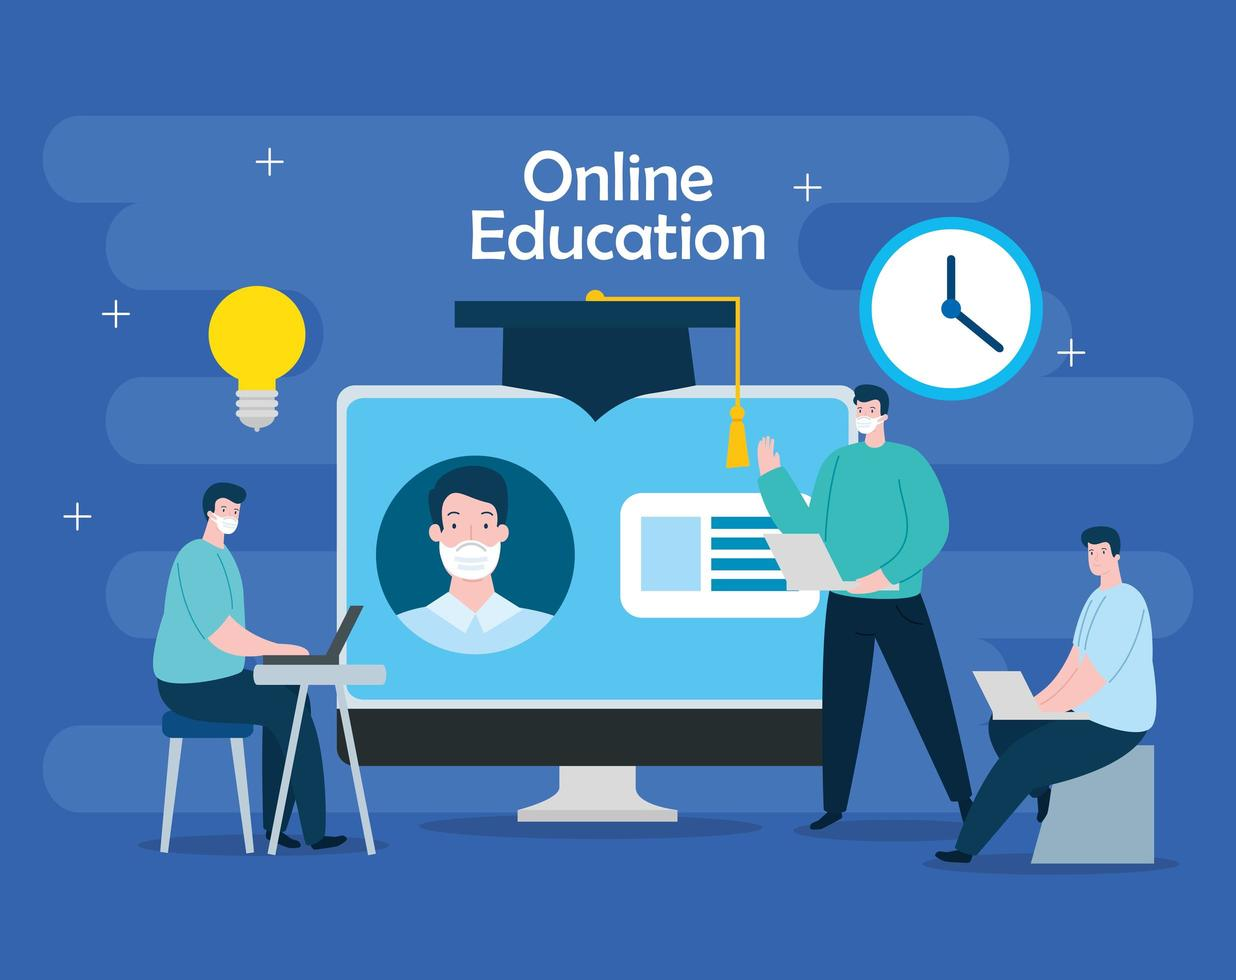 homens de tecnologia de educação online com computador vetor